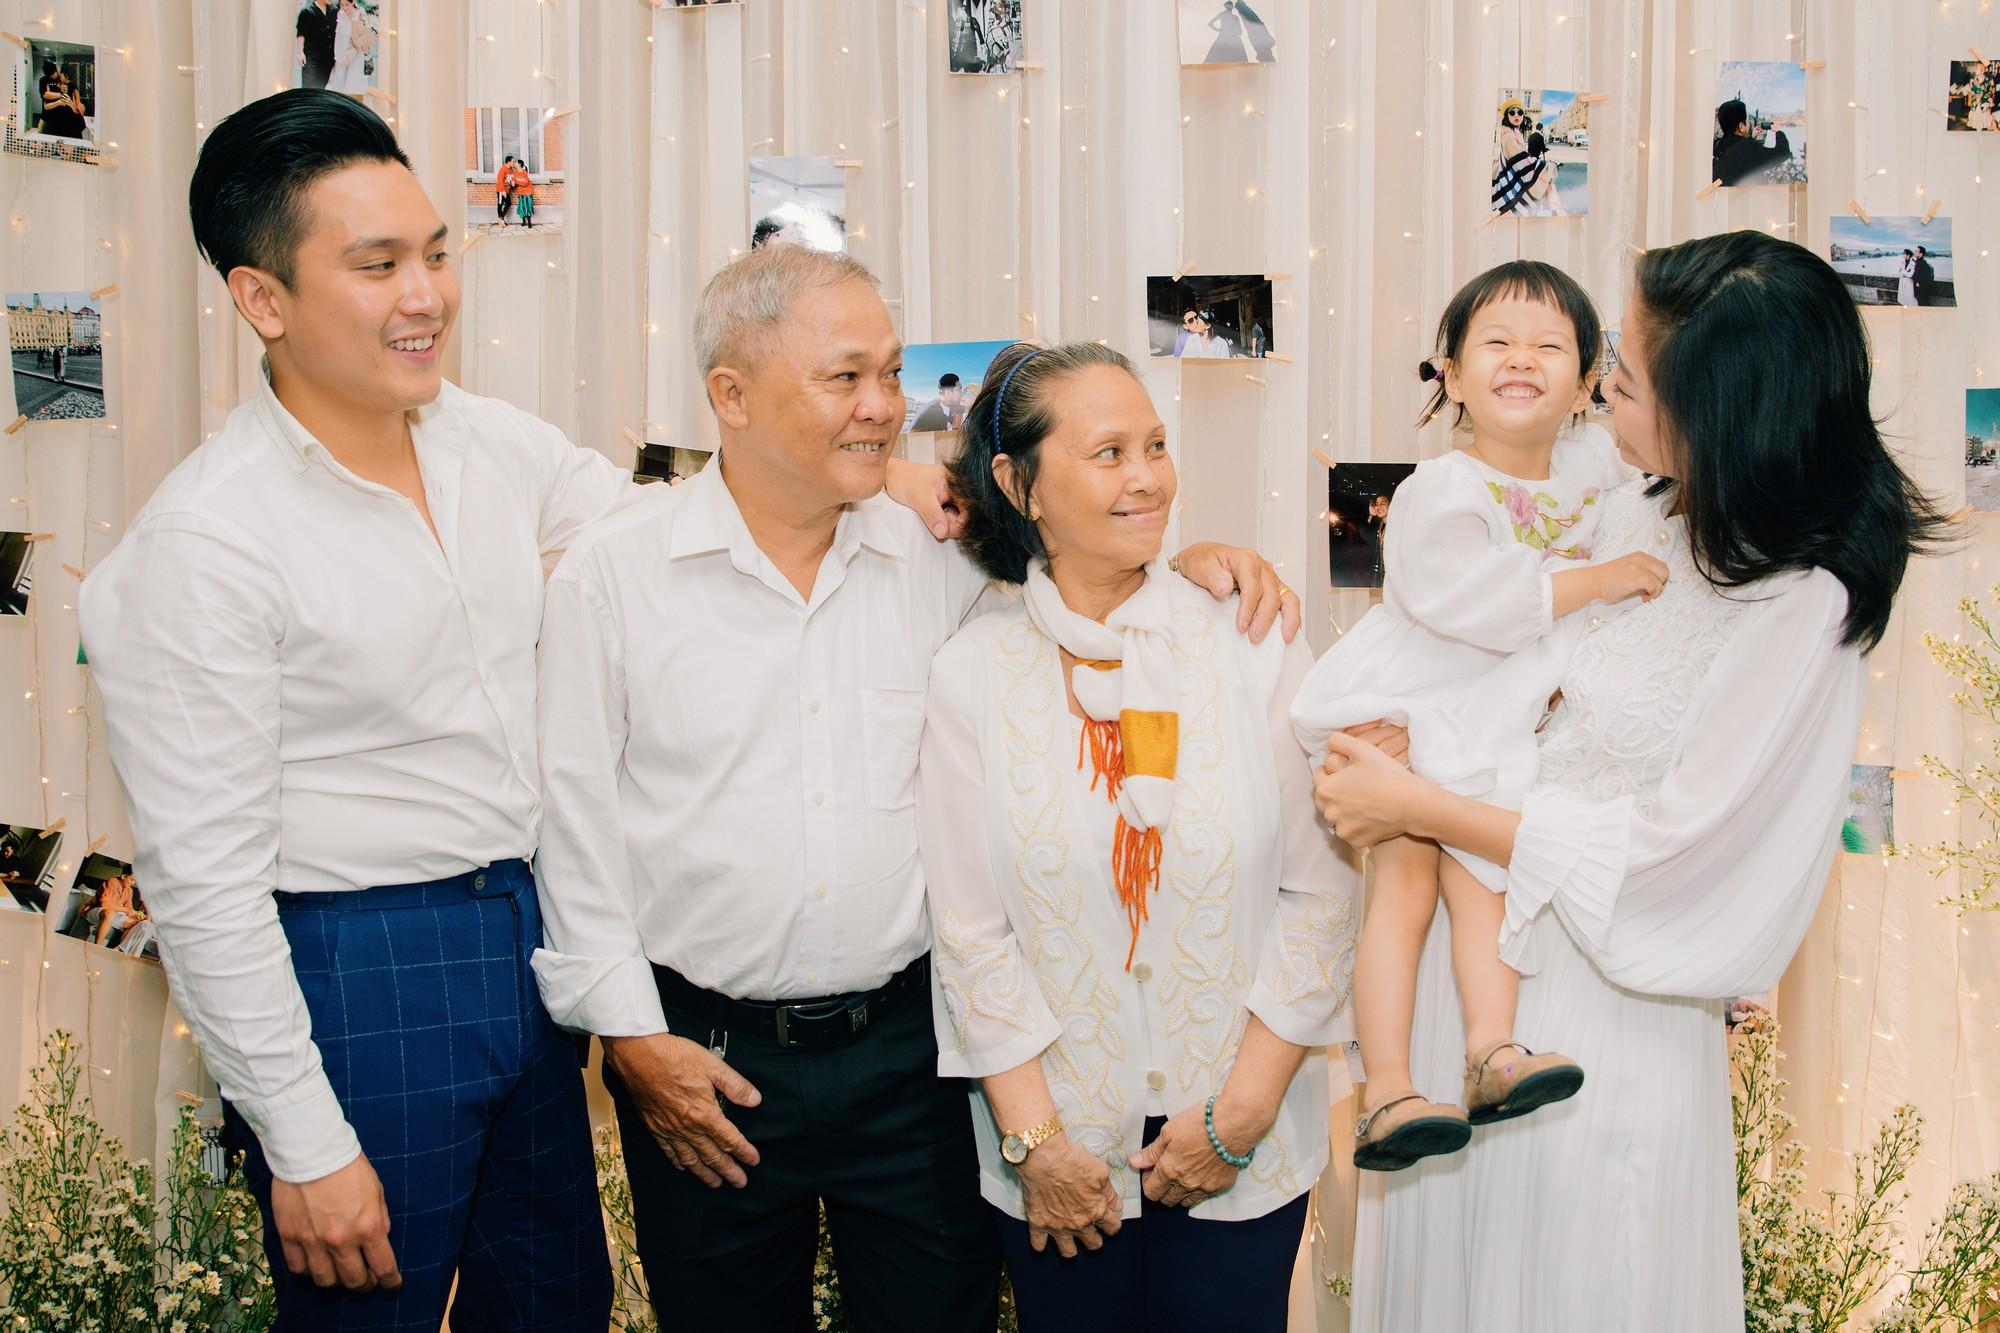 Thông tin ít ỏi về chồng sắp cưới MC Liêu Hà Trinh: Doanh nhân thành đạt trong lĩnh vực đầu tư ẩm thực tại Hà Lan - Ảnh 6.